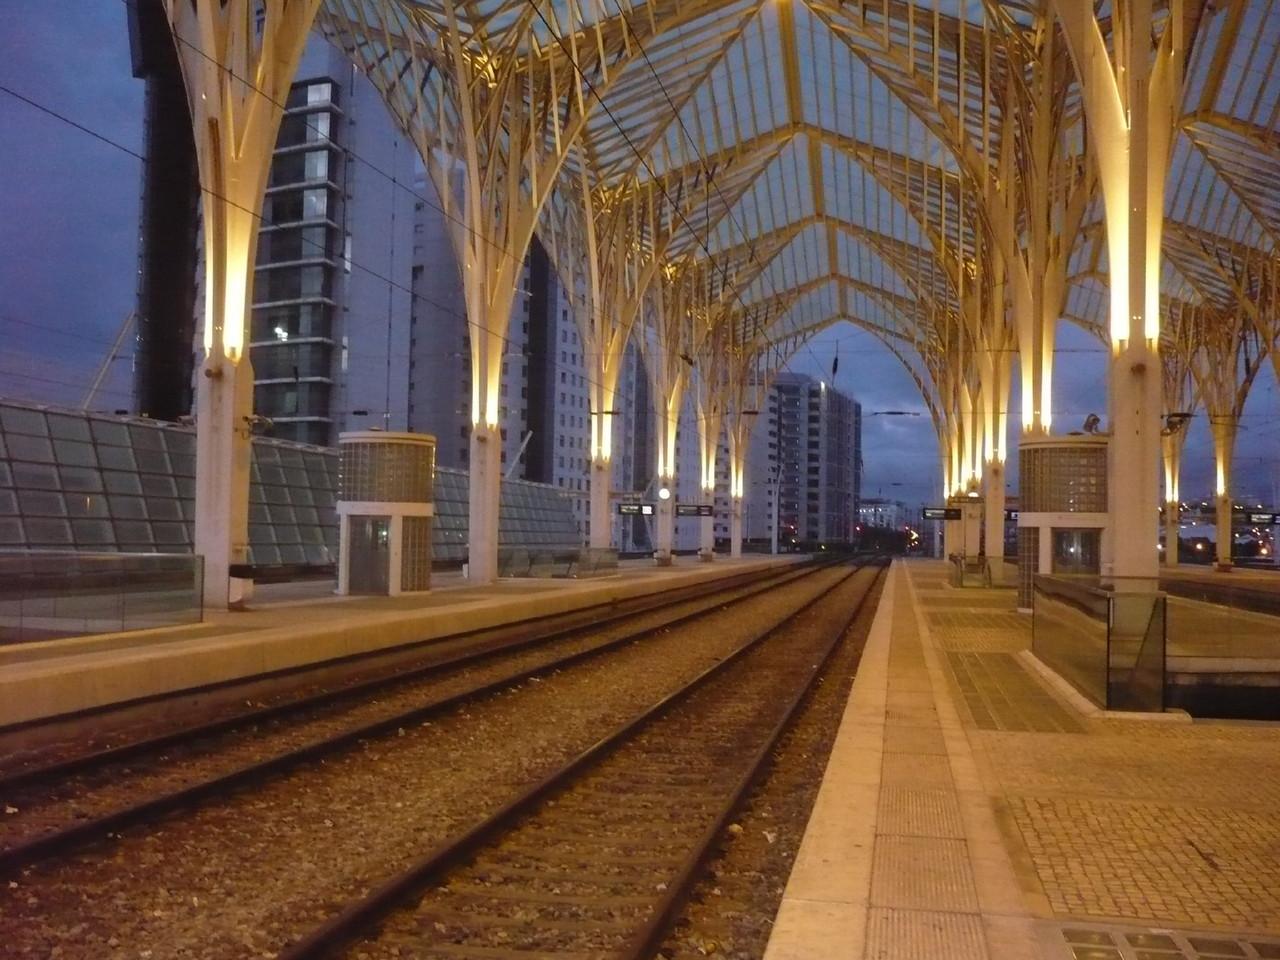 gare do oriente Lisboa 7 da manhã.JPG